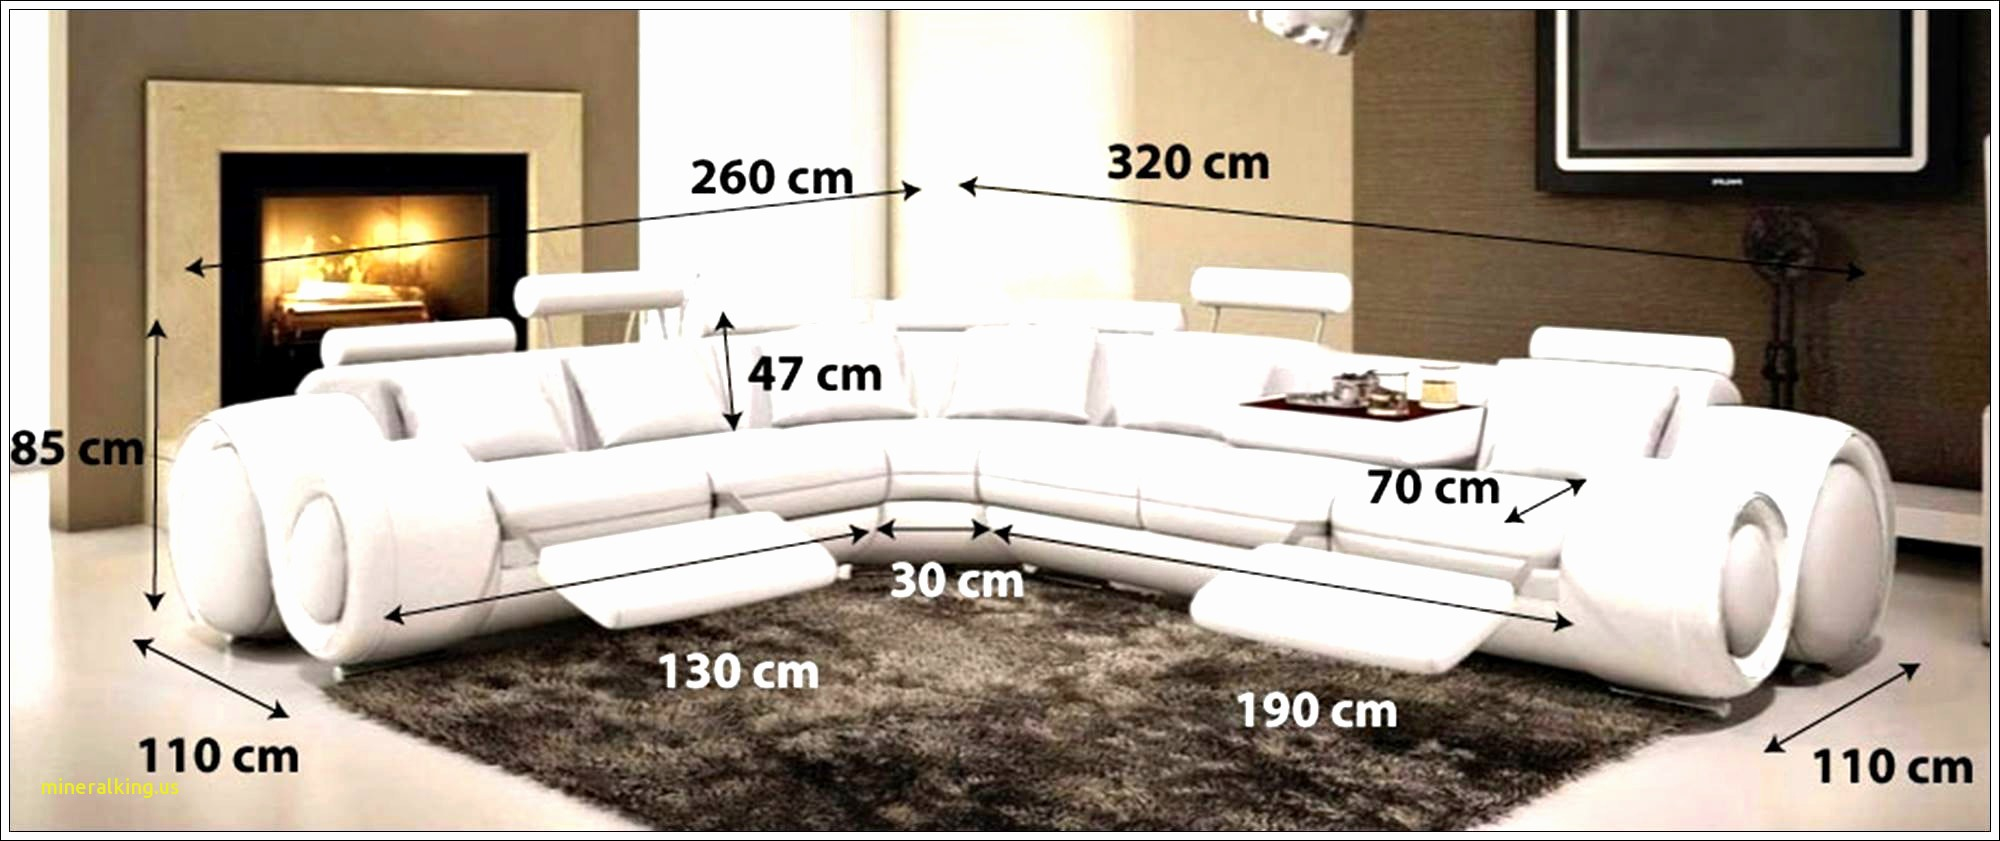 Canapé Rouge Pas Cher Unique Photographie Centralillaw Design De Maison